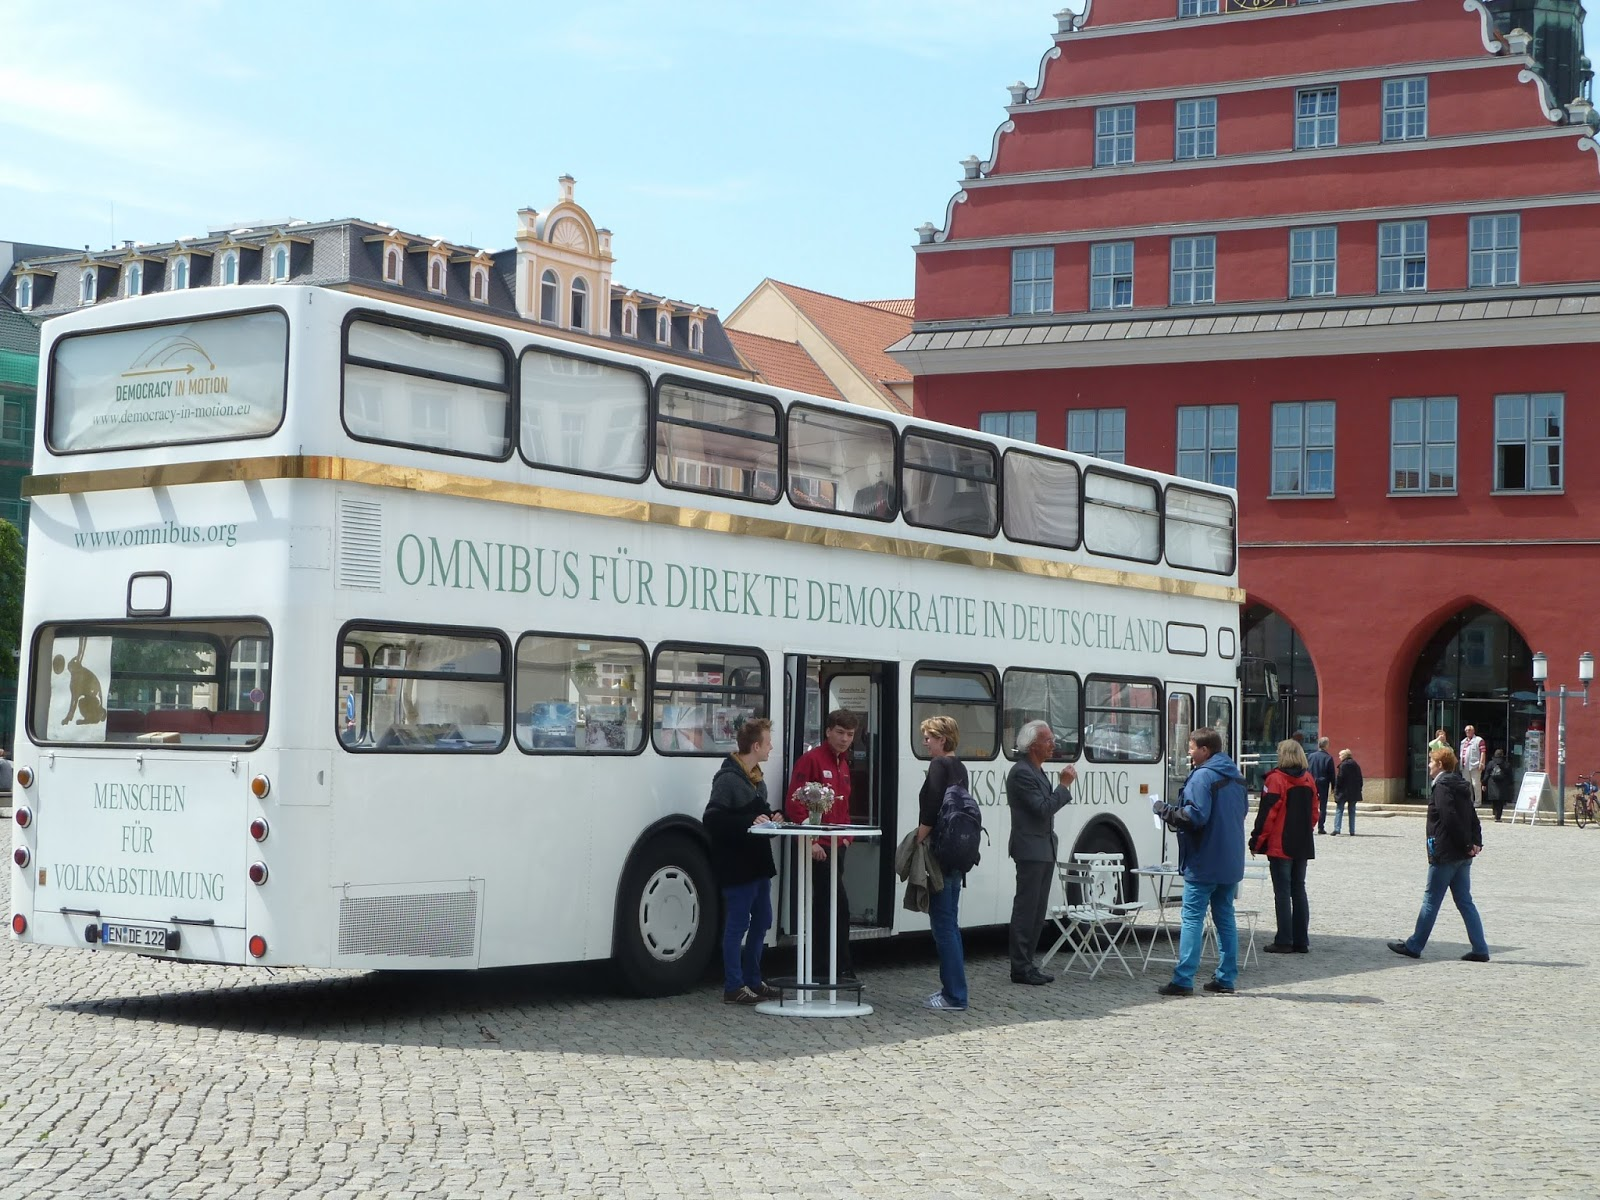 Greifswald im Mai: Gespräche, Freunde, Grundeinkommen und ein Omnibus